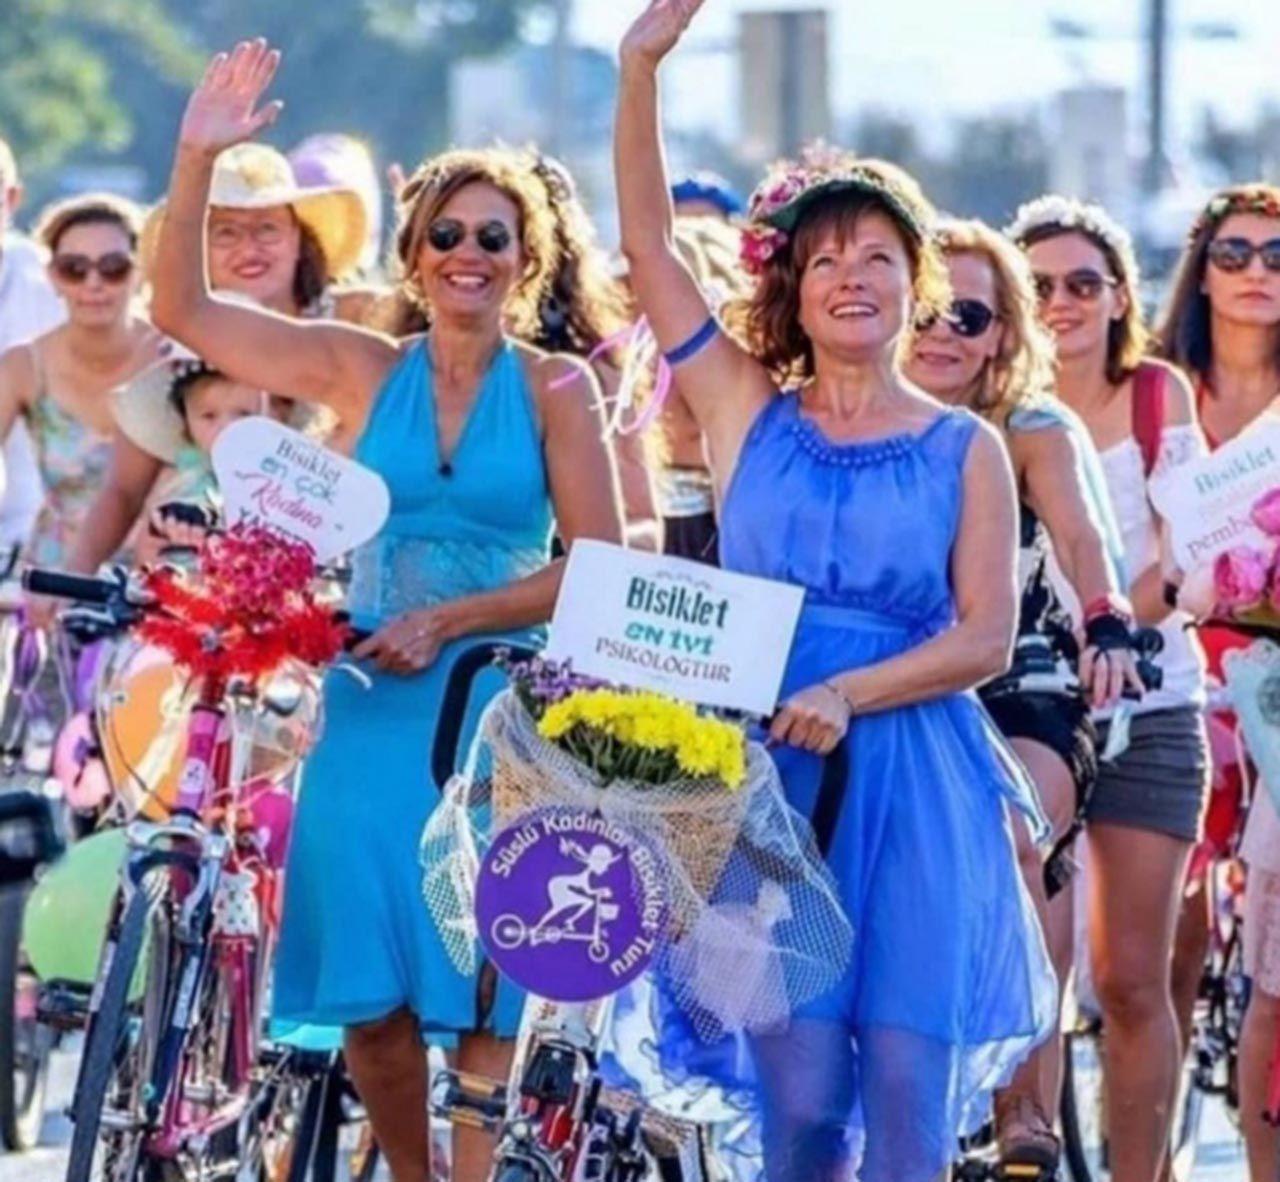 Süslü kadınlar tam 155 şehirde sokakları renklendirdi - Resim: 1